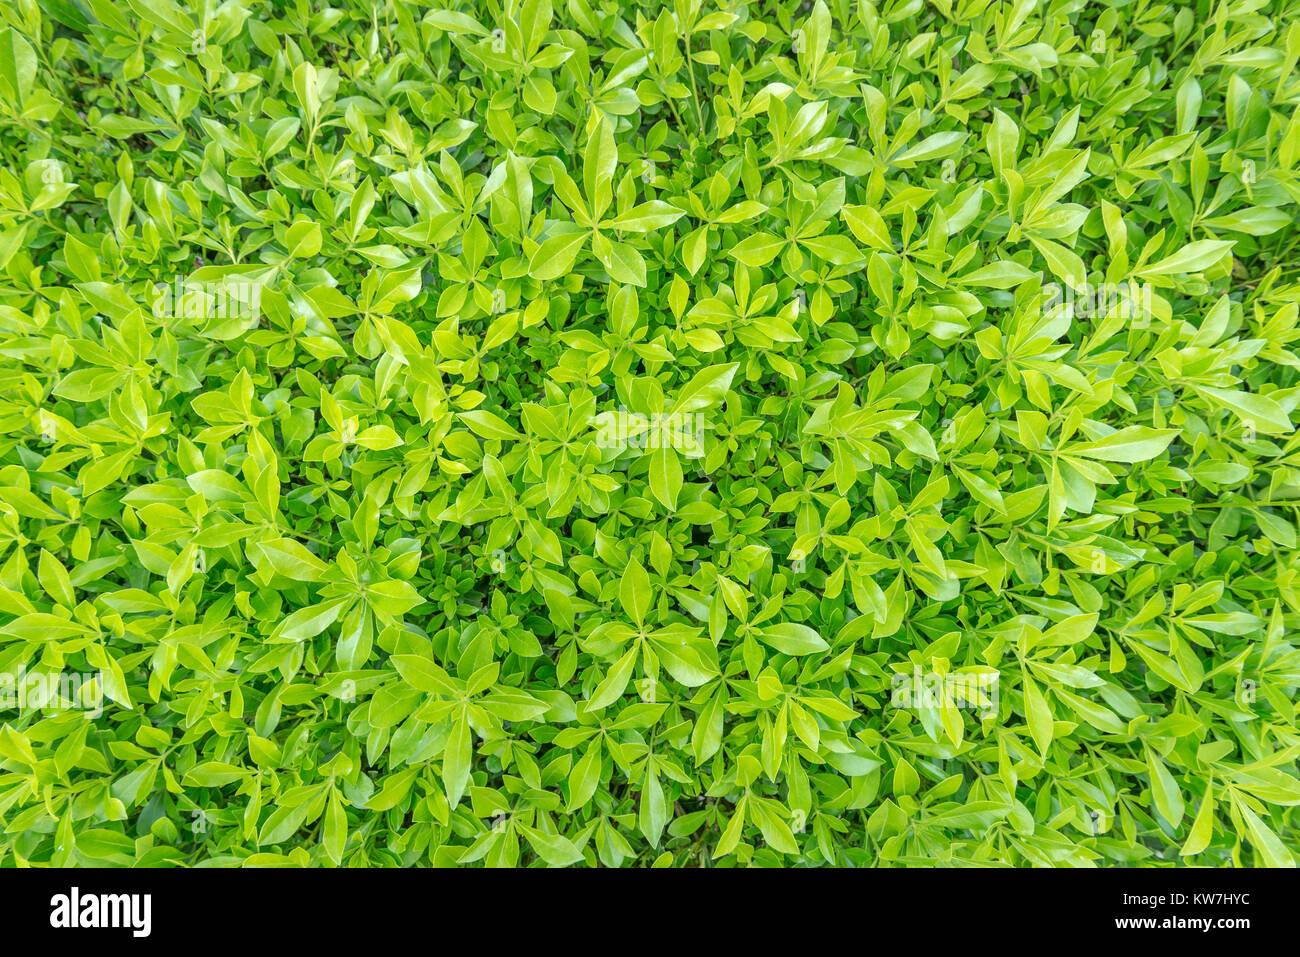 Nahaufnahme von frischen Frühling grüne Gras. Hintergründe Stockbild